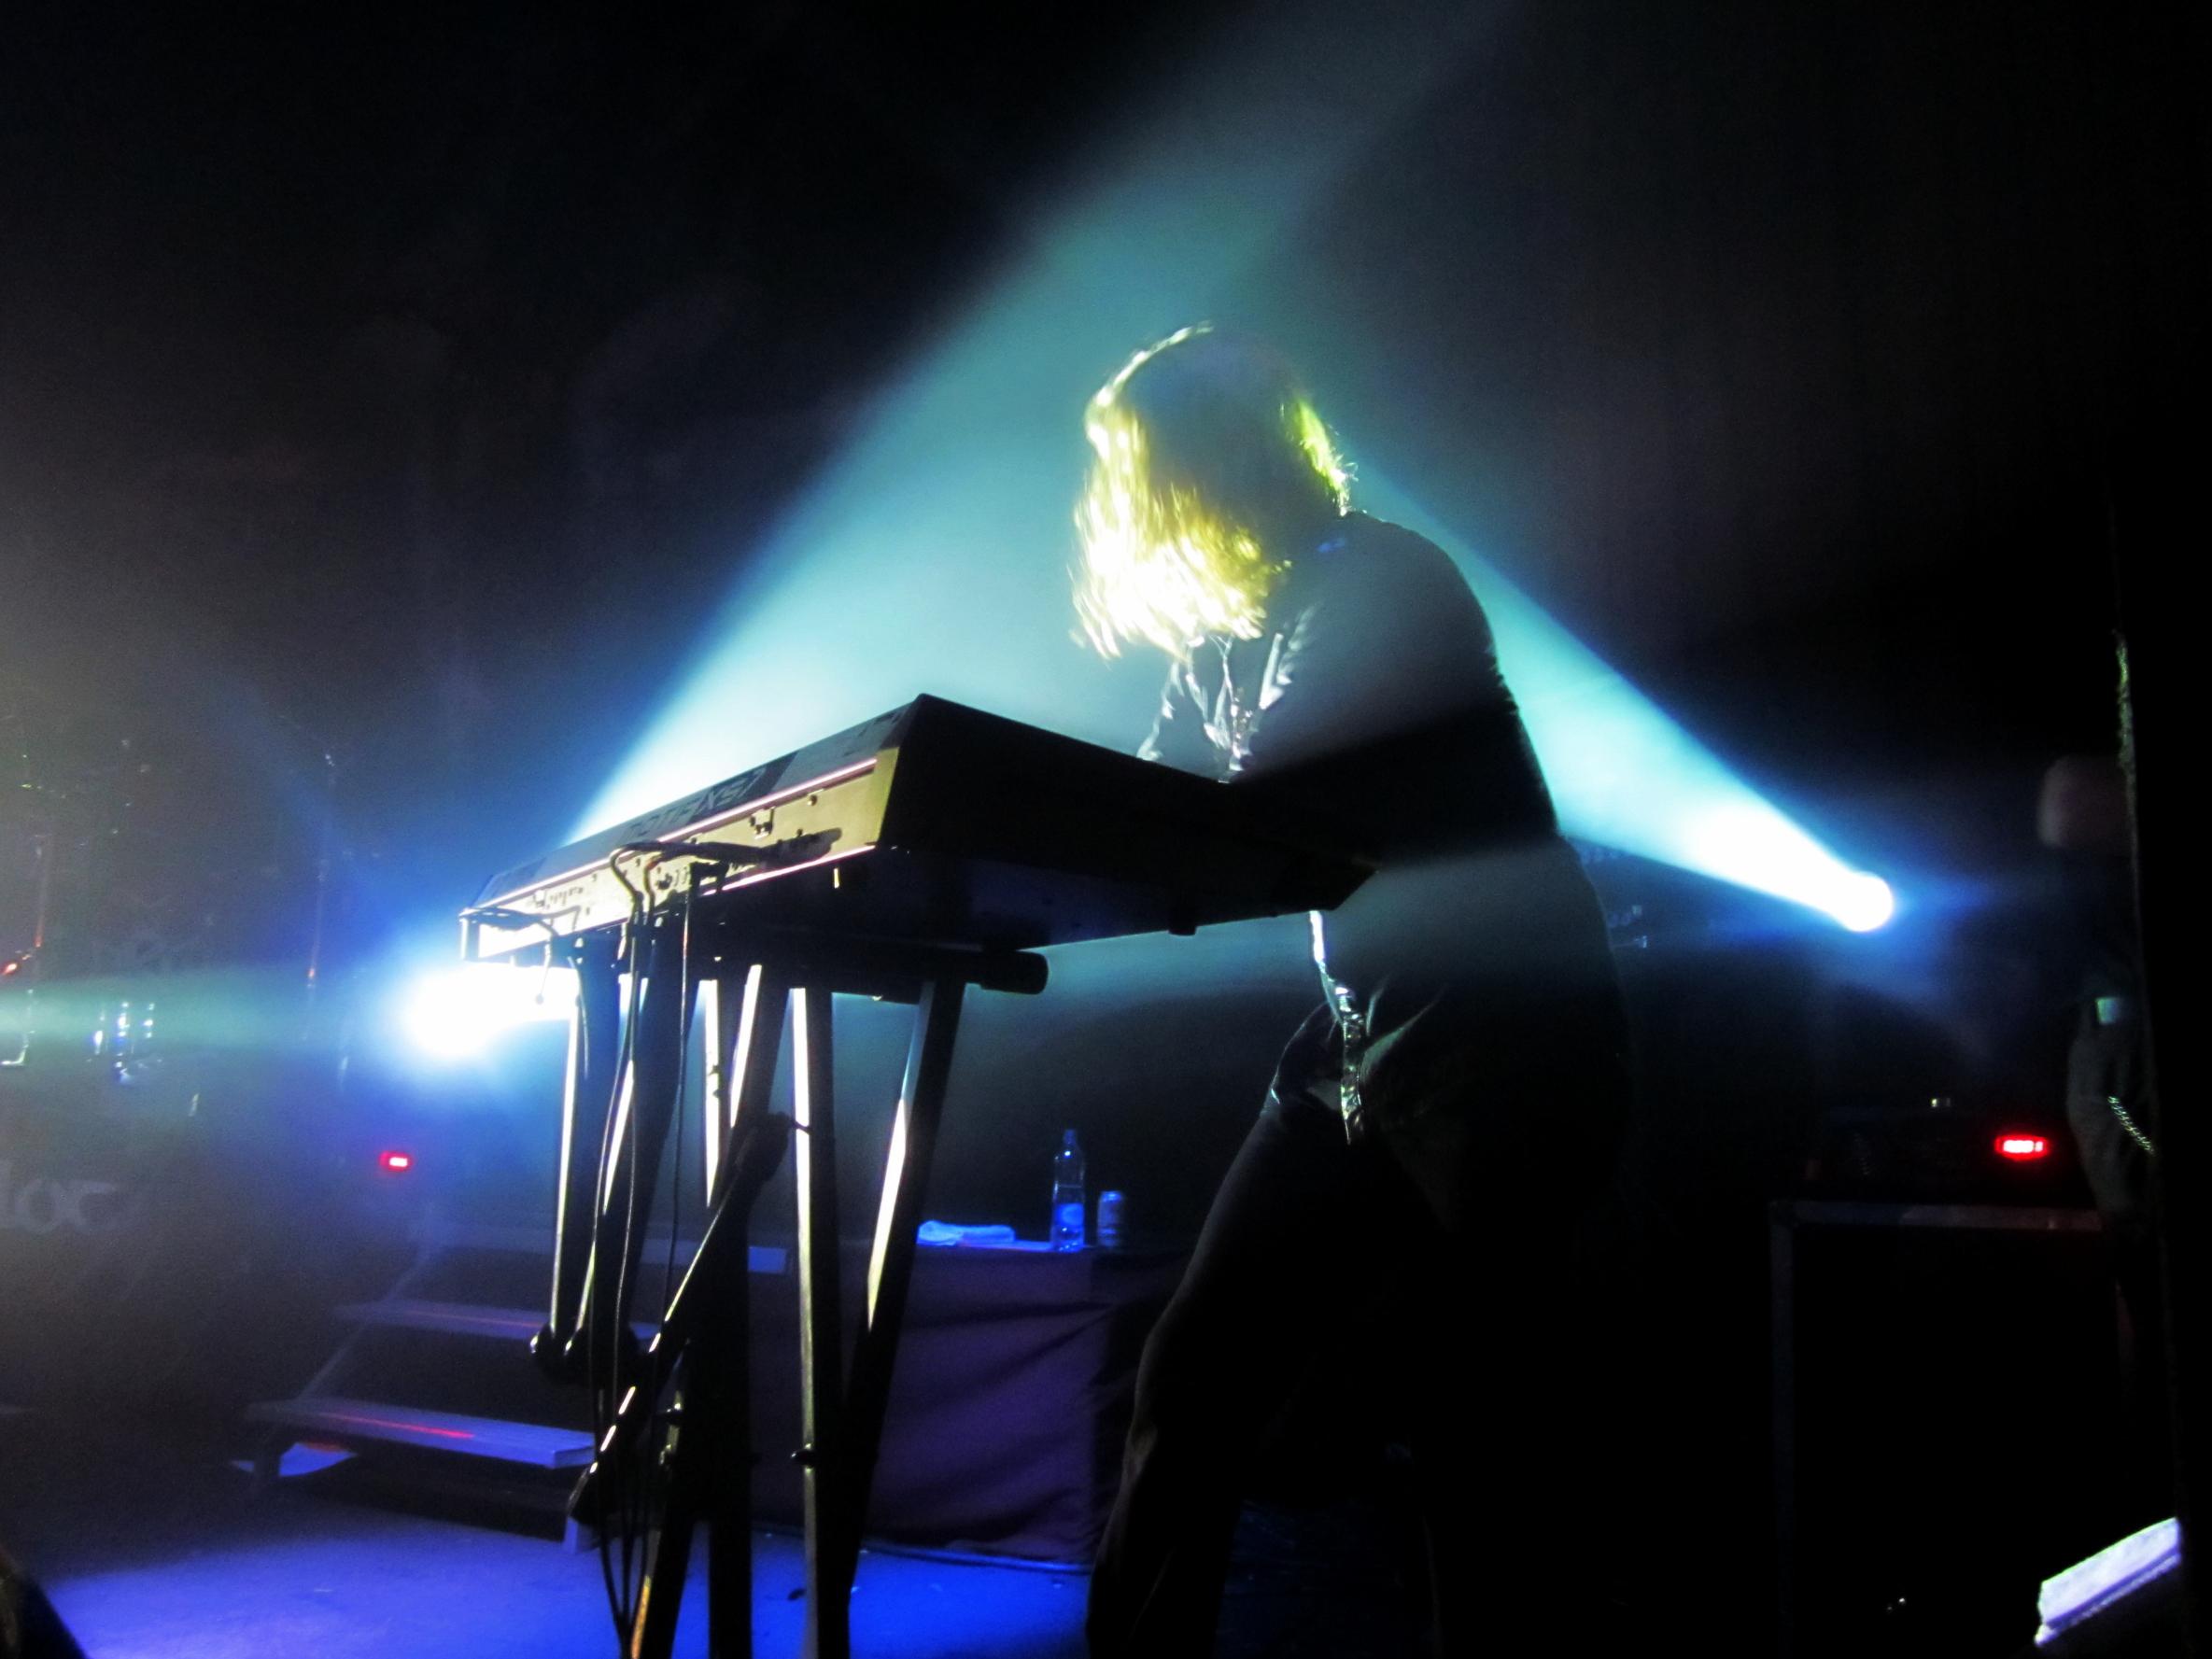 Reseña concierto de KAMELOT en Colombia, en el Teatro Metro de Bogota, Abr 12 de 2011